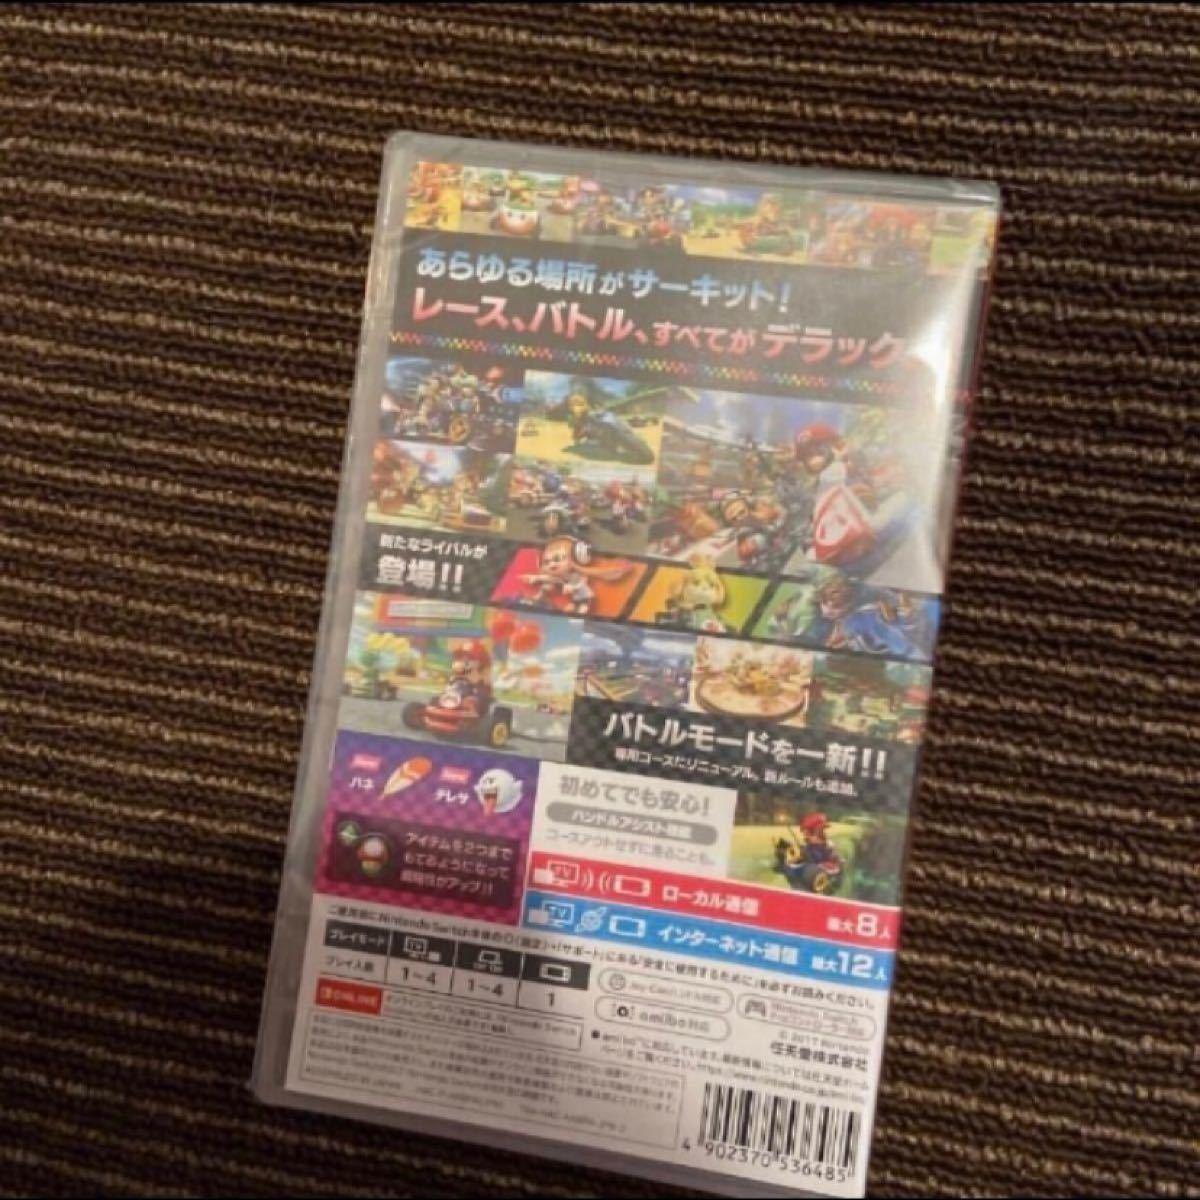 新品未使用【Switch】 マリオカート8 デラックス マリオカートスイッチ 任天堂スイッチ